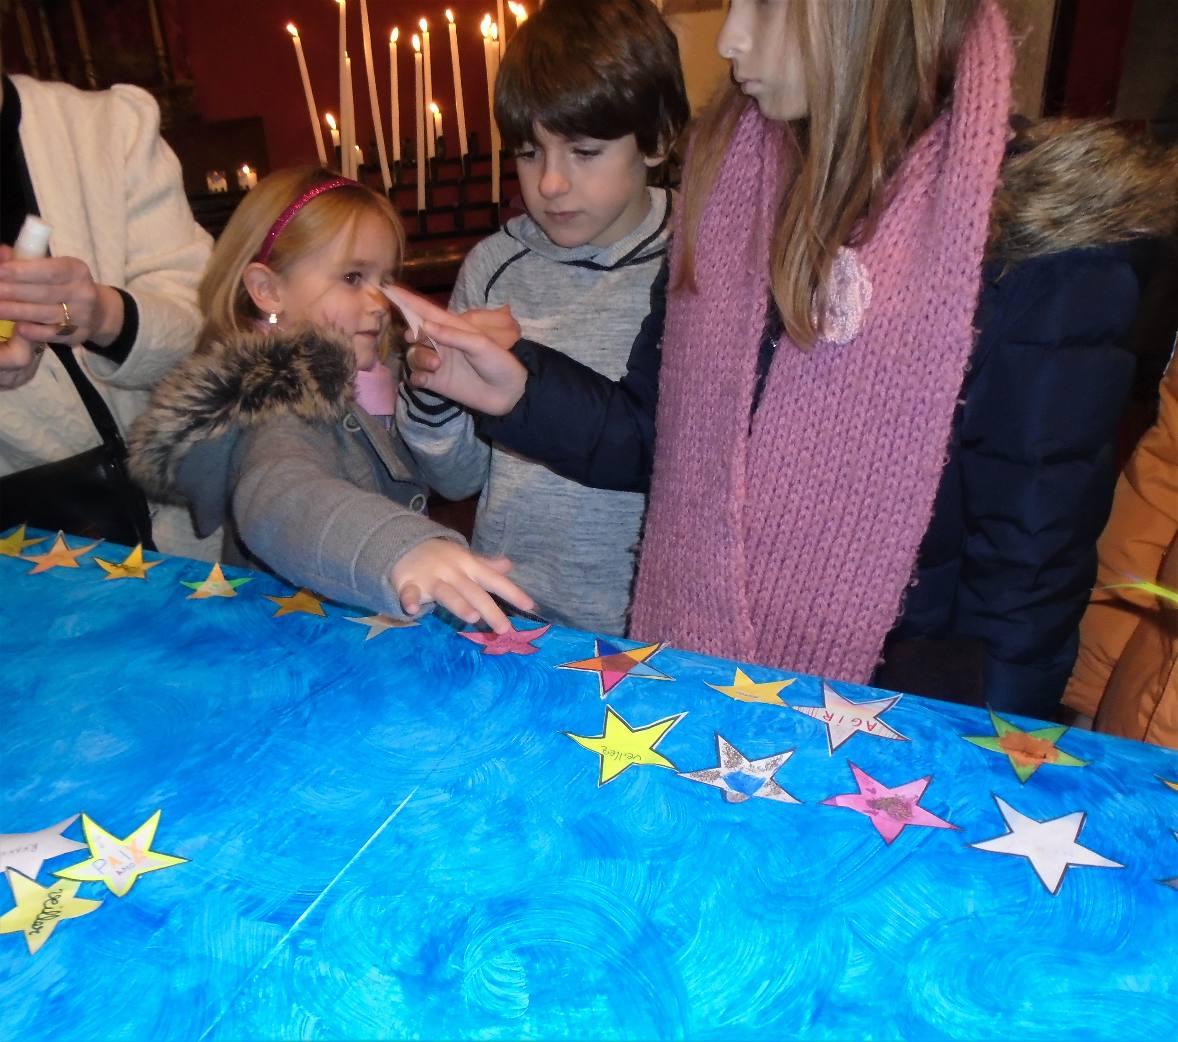 Une toute petite, heureuse, car sa grande cousine lui a donné son étoile à coller !